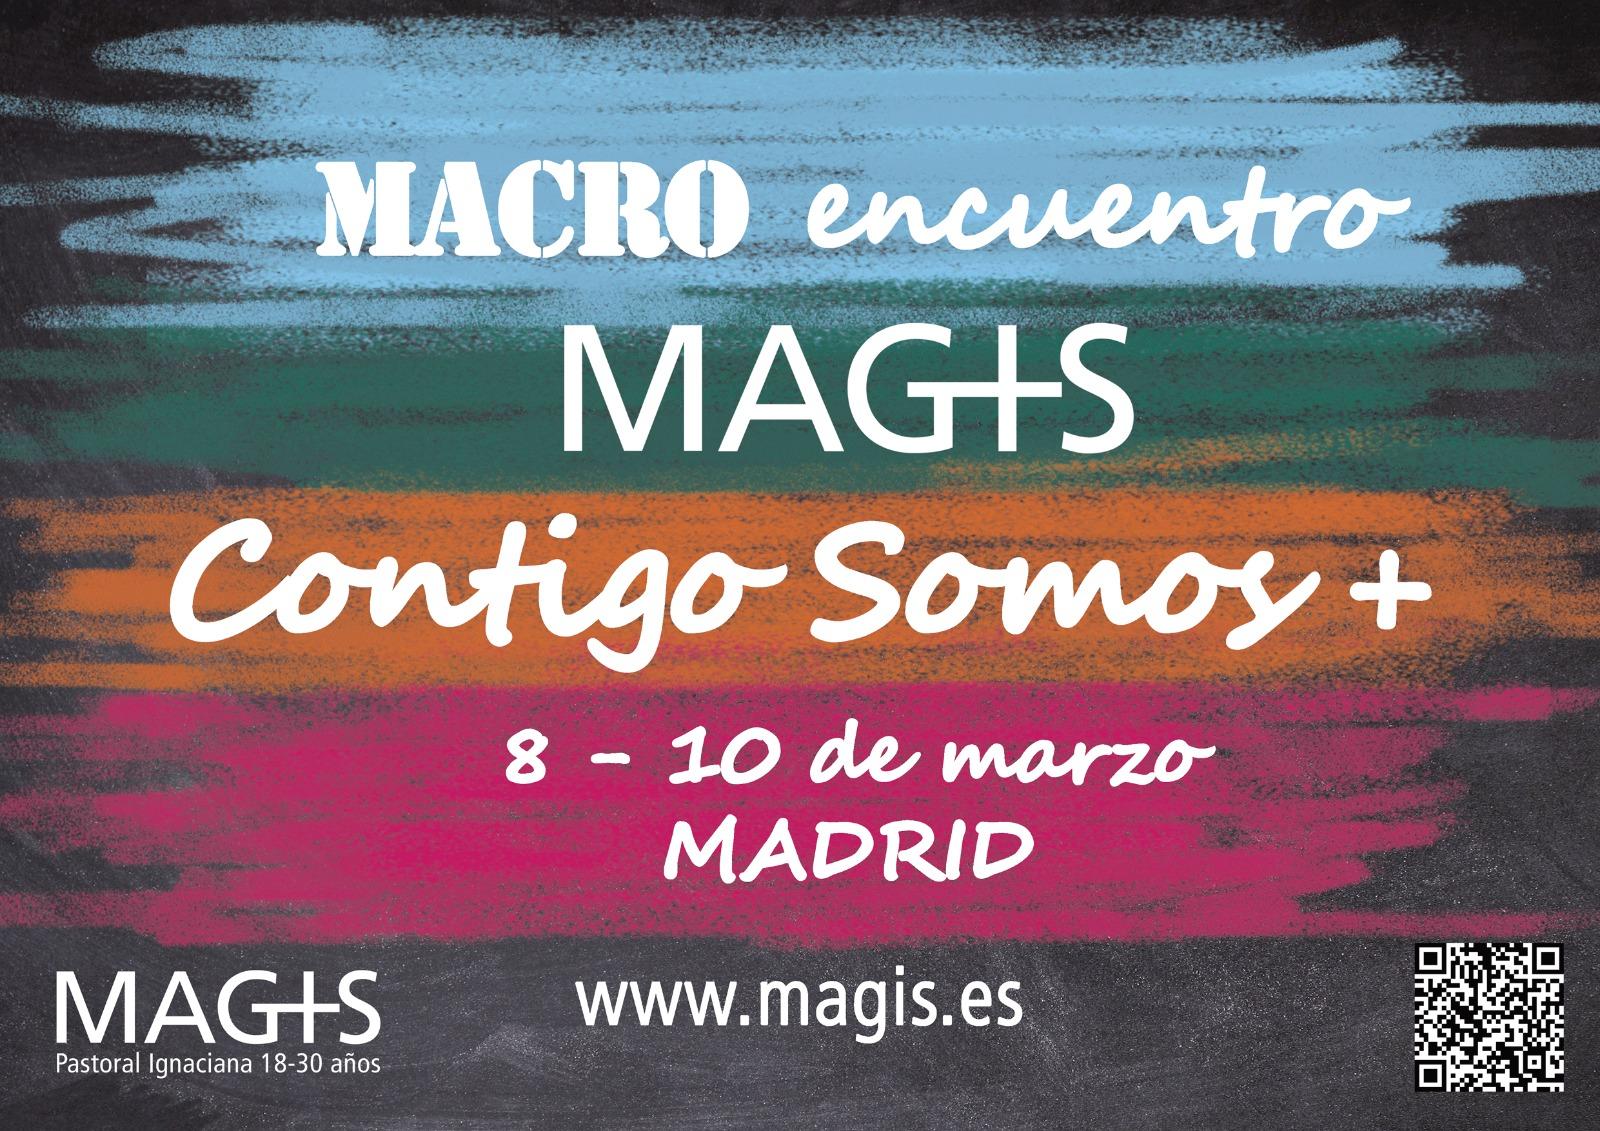 Macro Encuentro Magis (1)